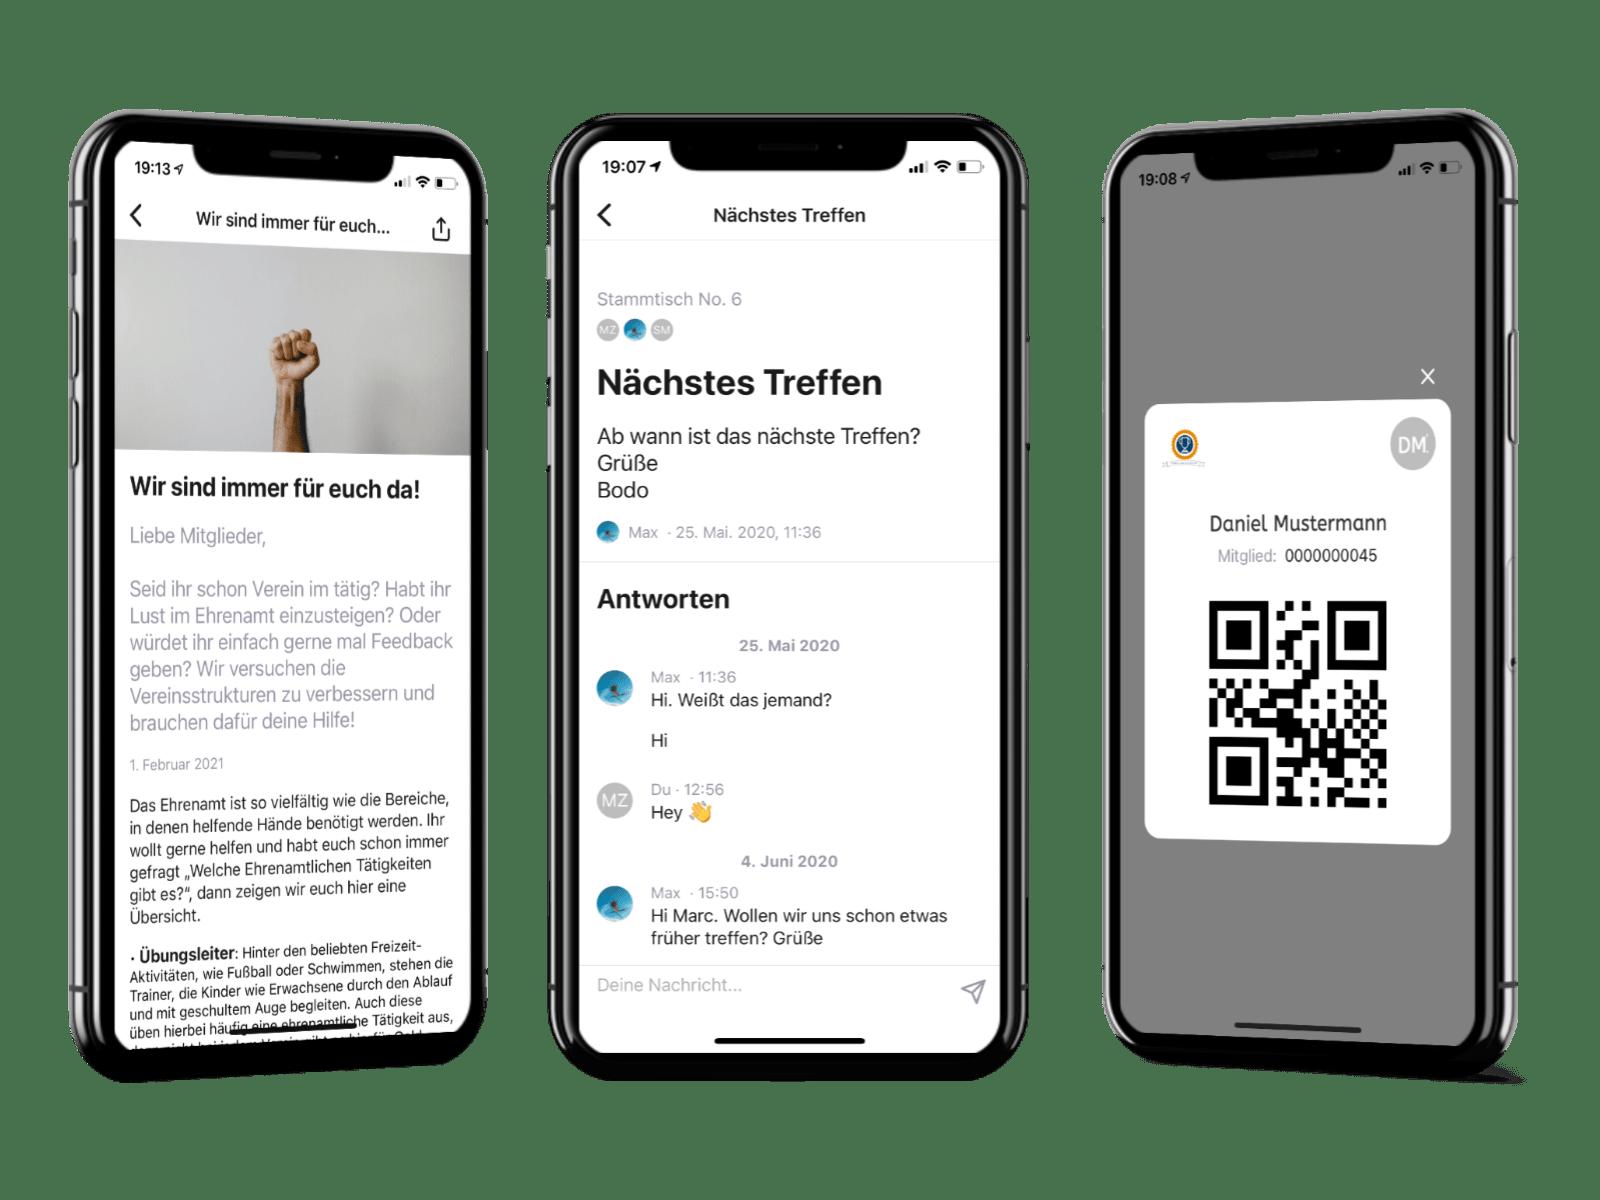 Drei Handys zeigen den Chat und den digitalen Mitgliedsausweis der Vereinsapp